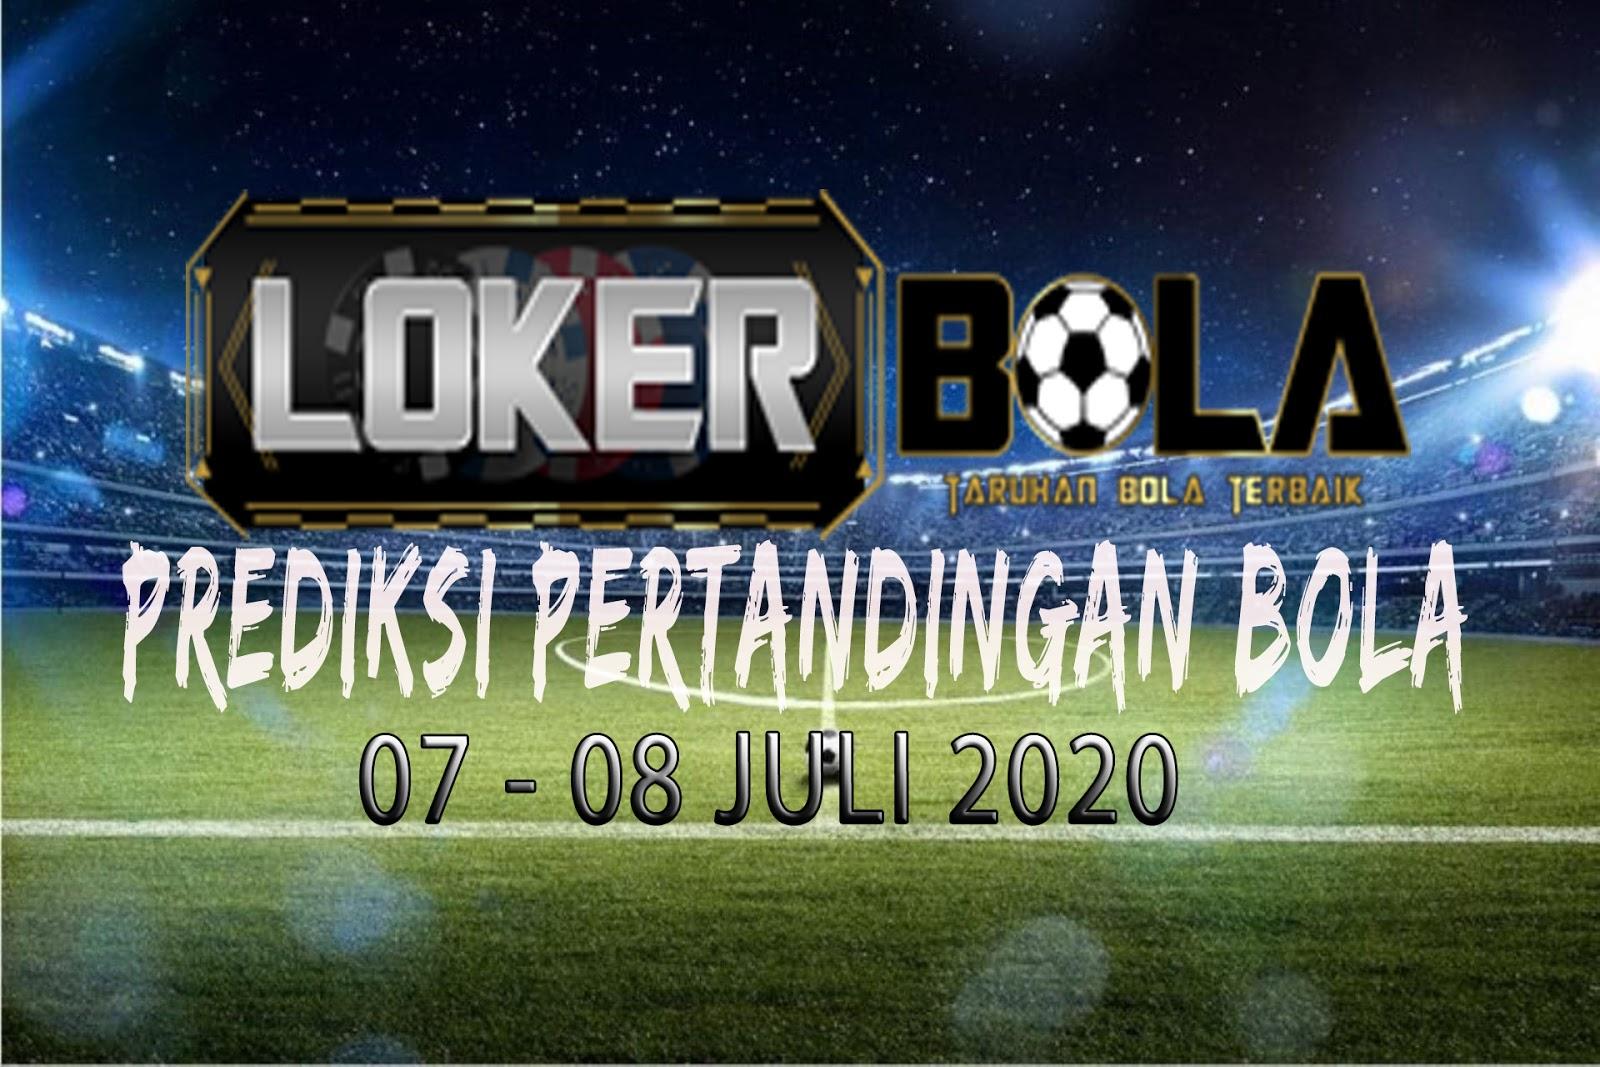 PREDIKSI PERTANDINGAN BOLA 07 – 08 JULI 2020